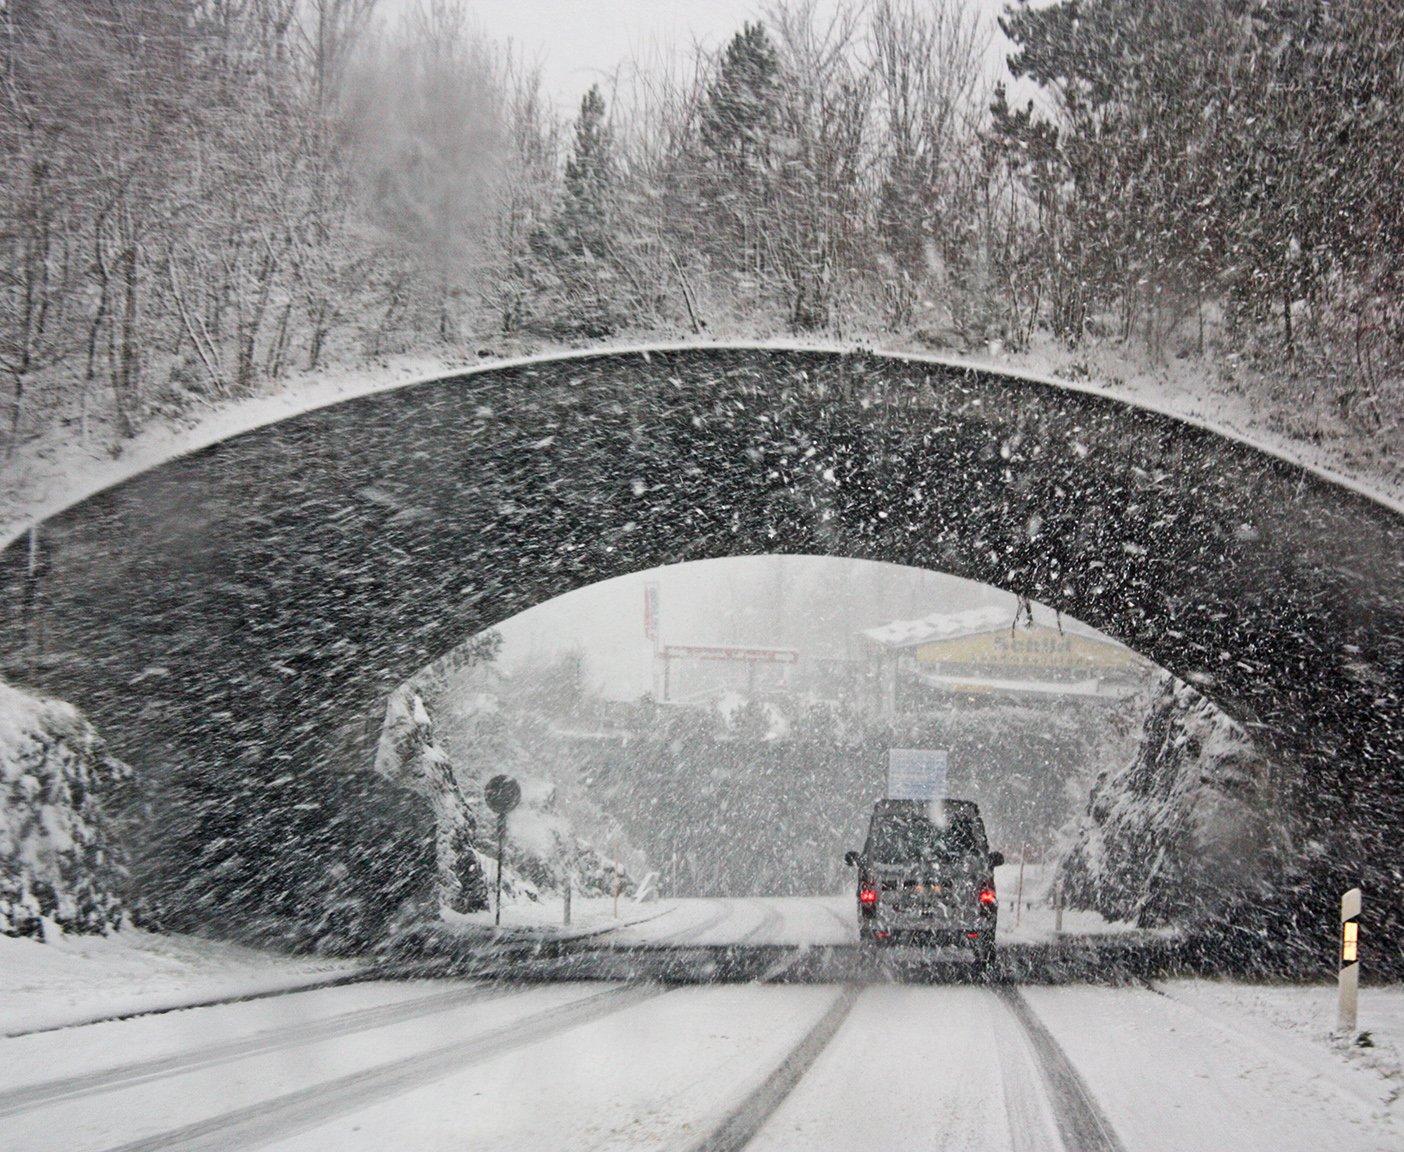 Camper faehrt durch Tunnel